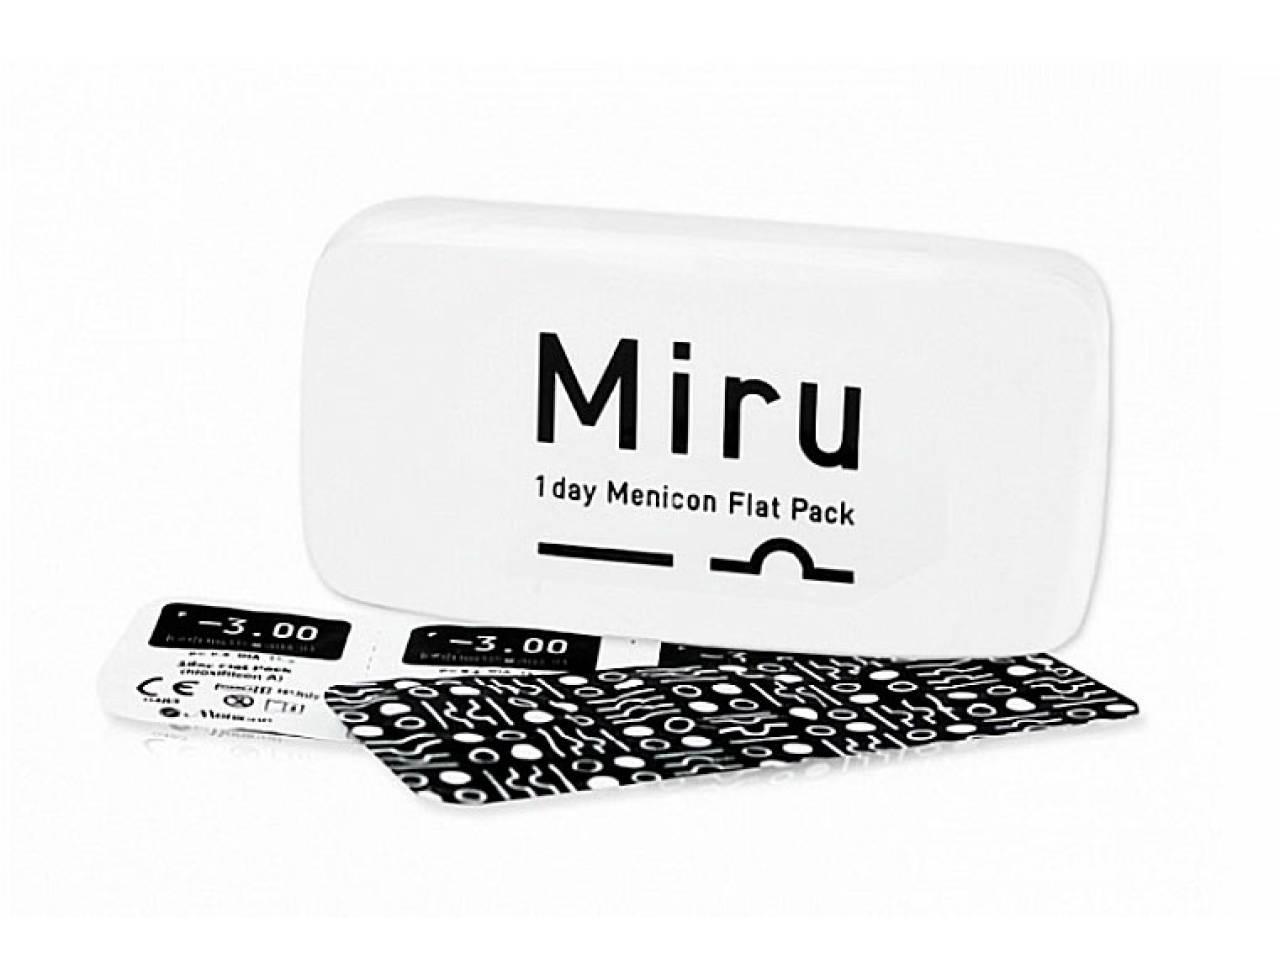 Однодневные контактные линзы Menicon Miru 1day Menicon Flat Pack - Фото №7